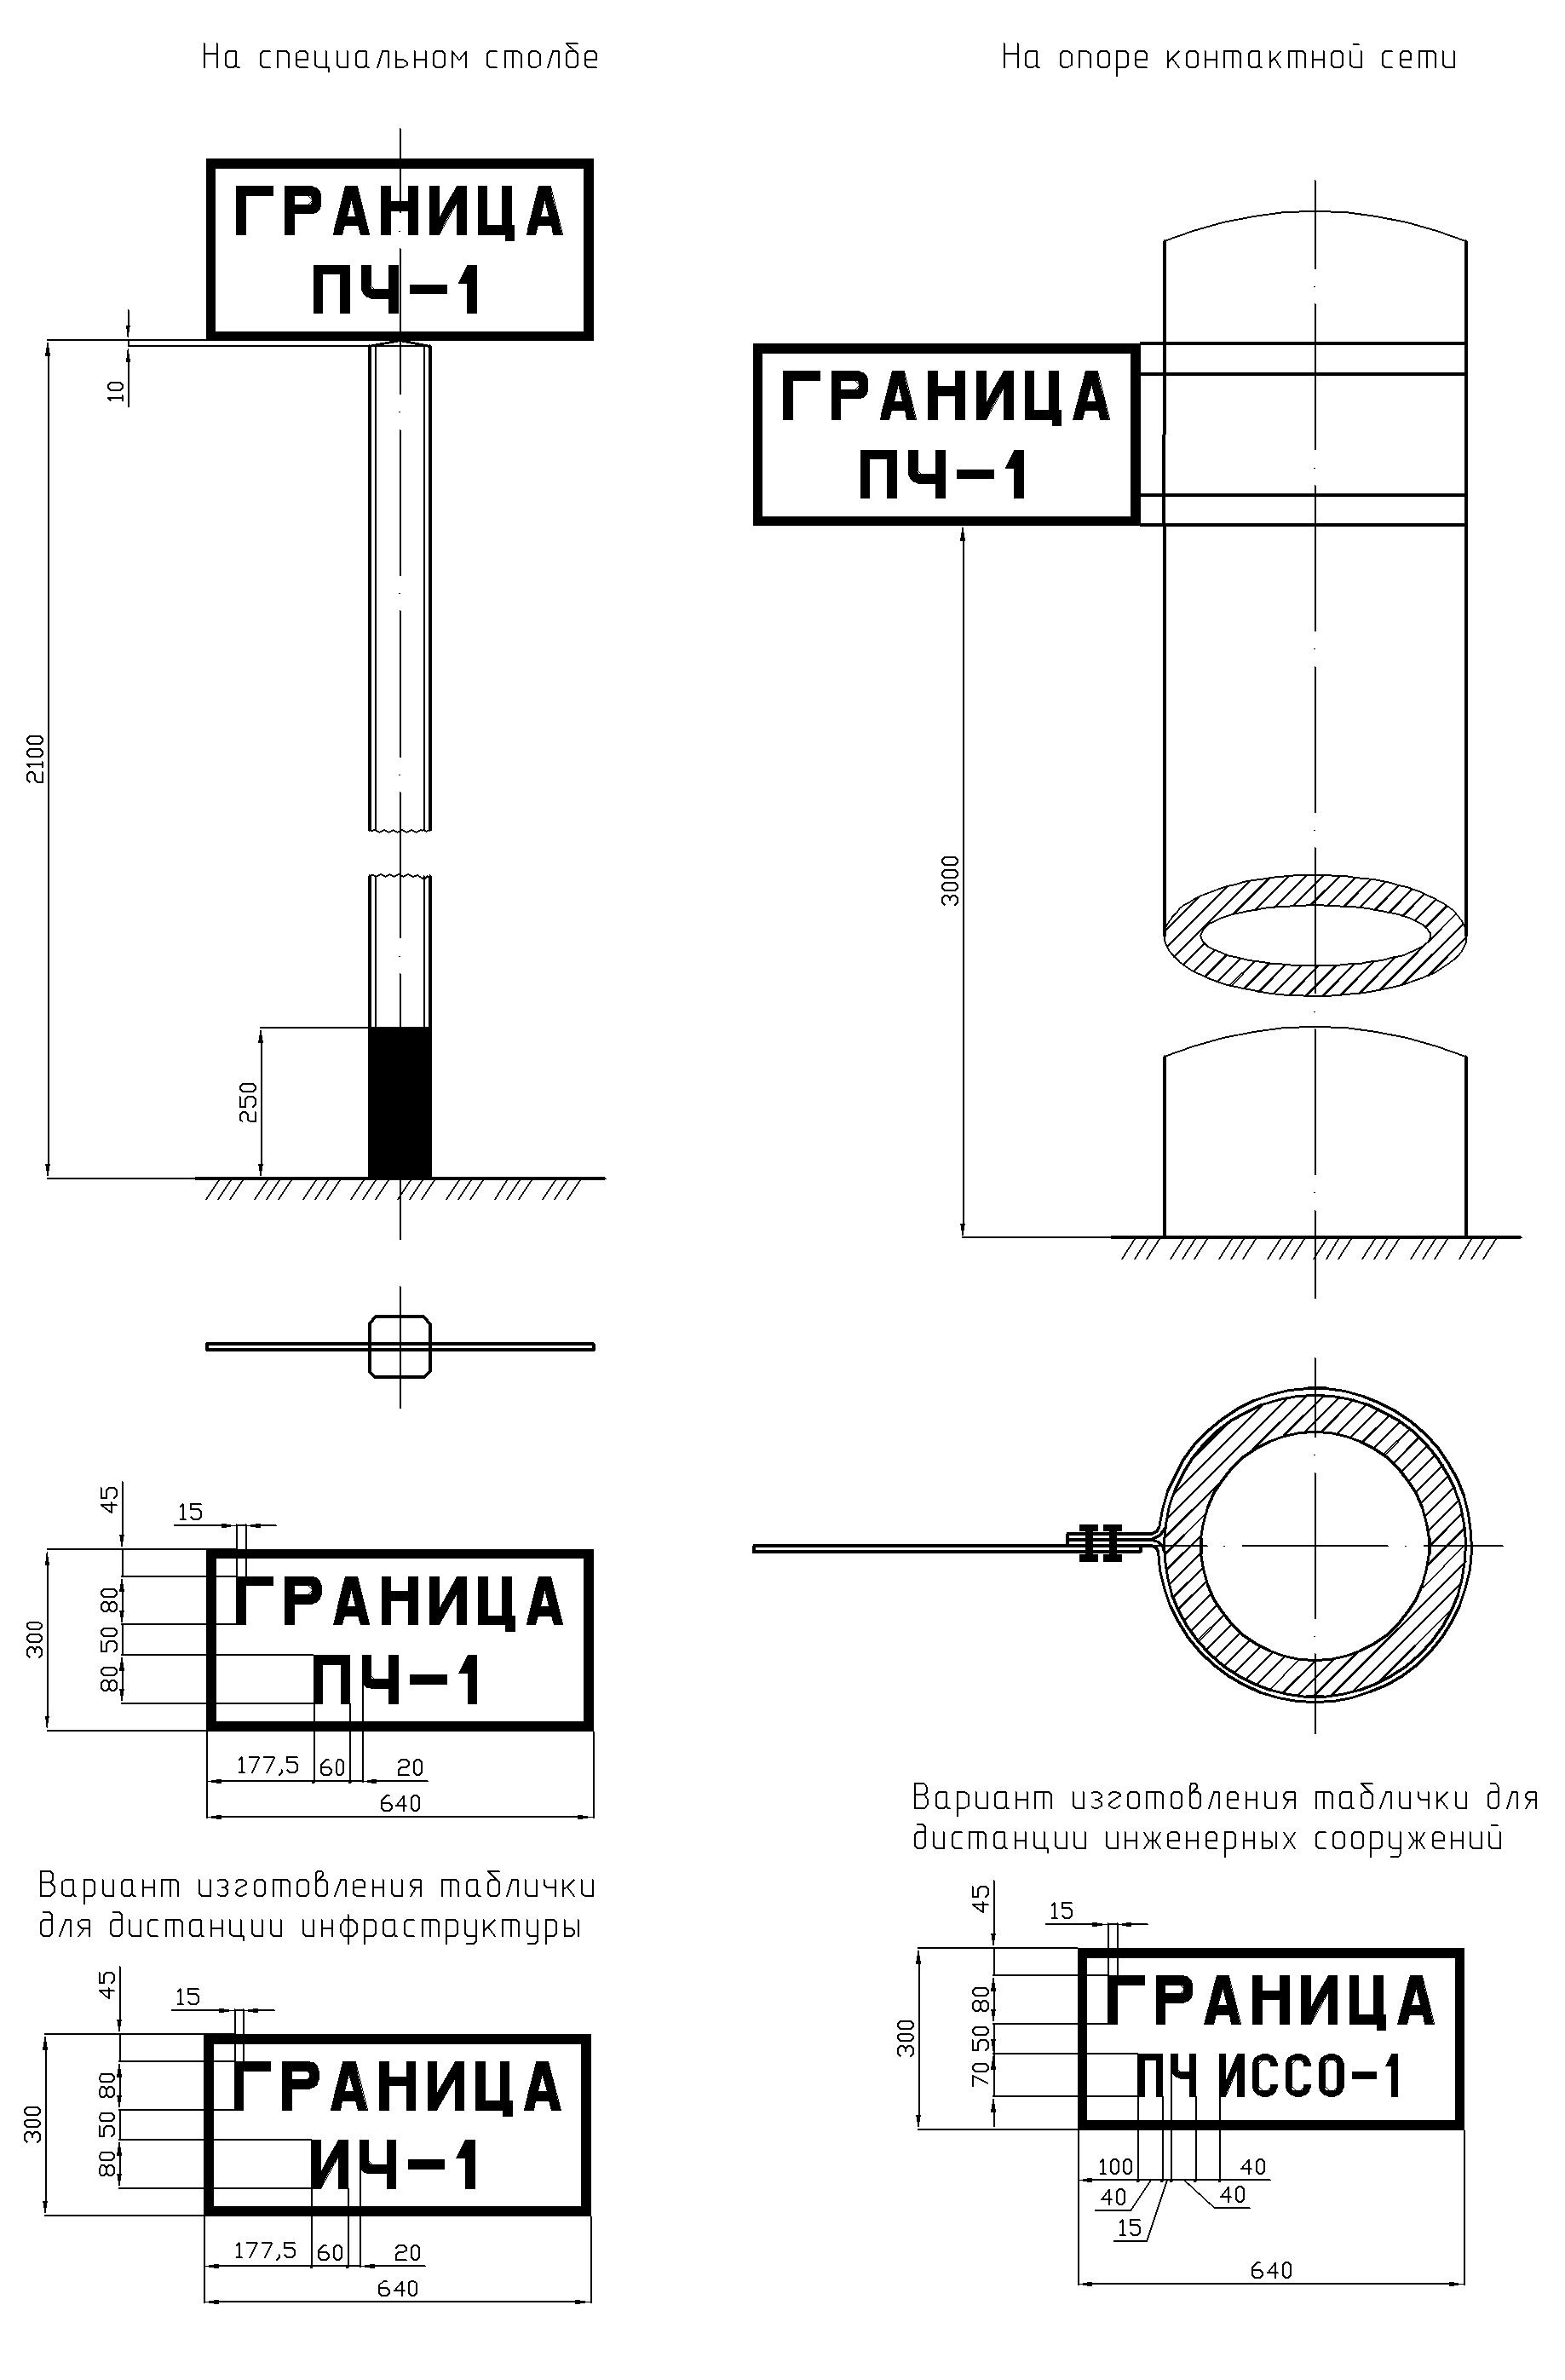 Рисунок 57. Путевой особый знак границы дистанции